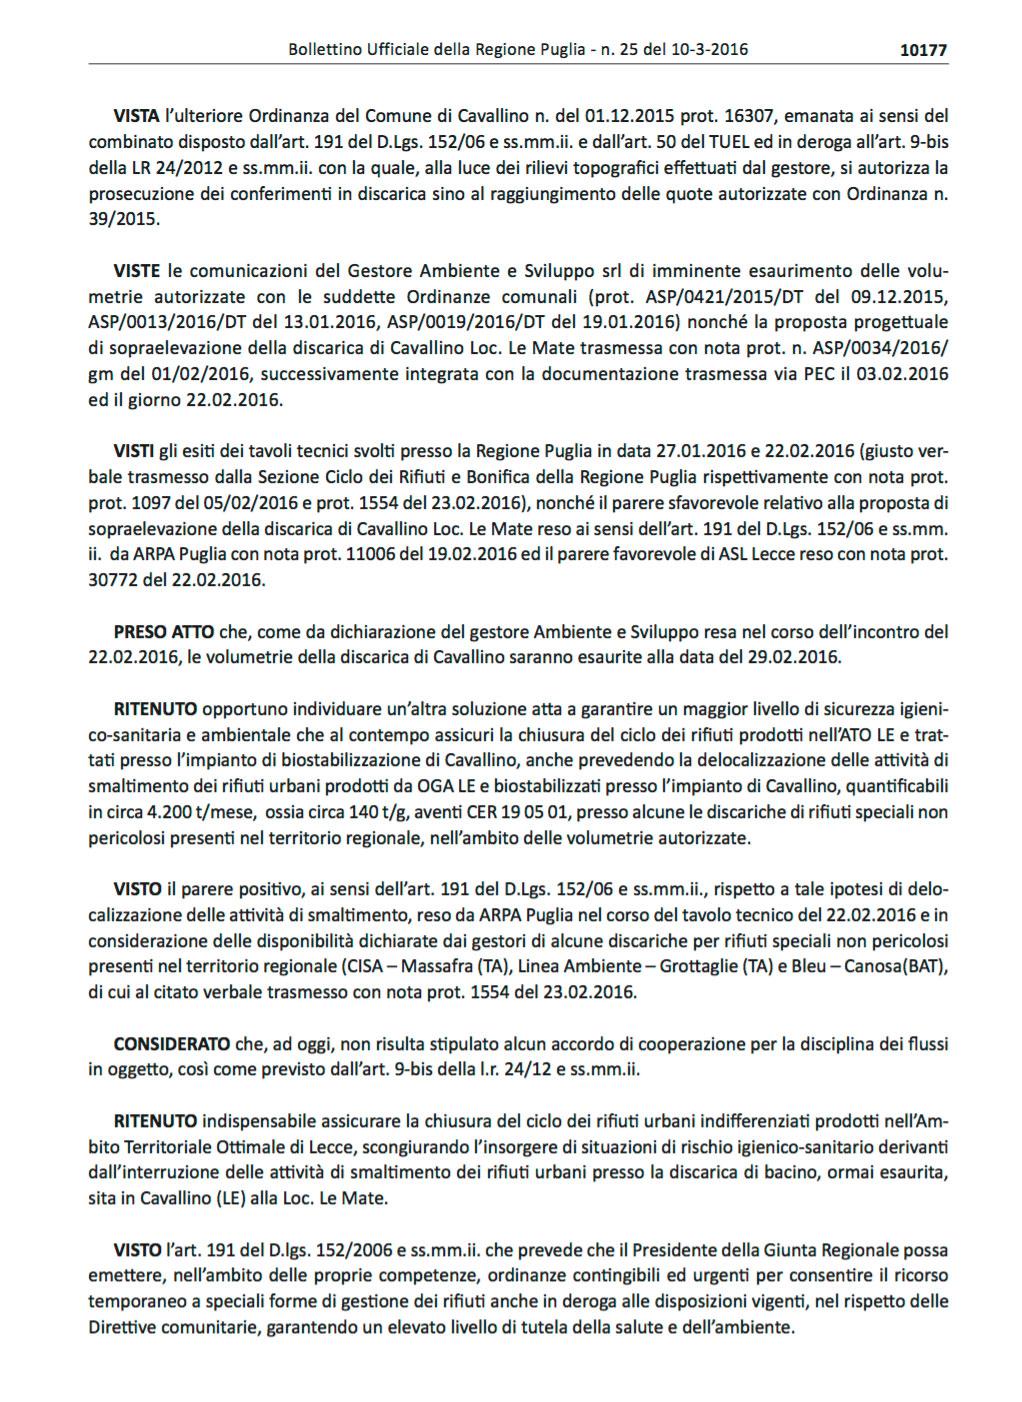 'I-rifiuti-della-provincia-di-Lecce-a-Grottaglie'.-Emiliano-firma-l'ordinanza-2